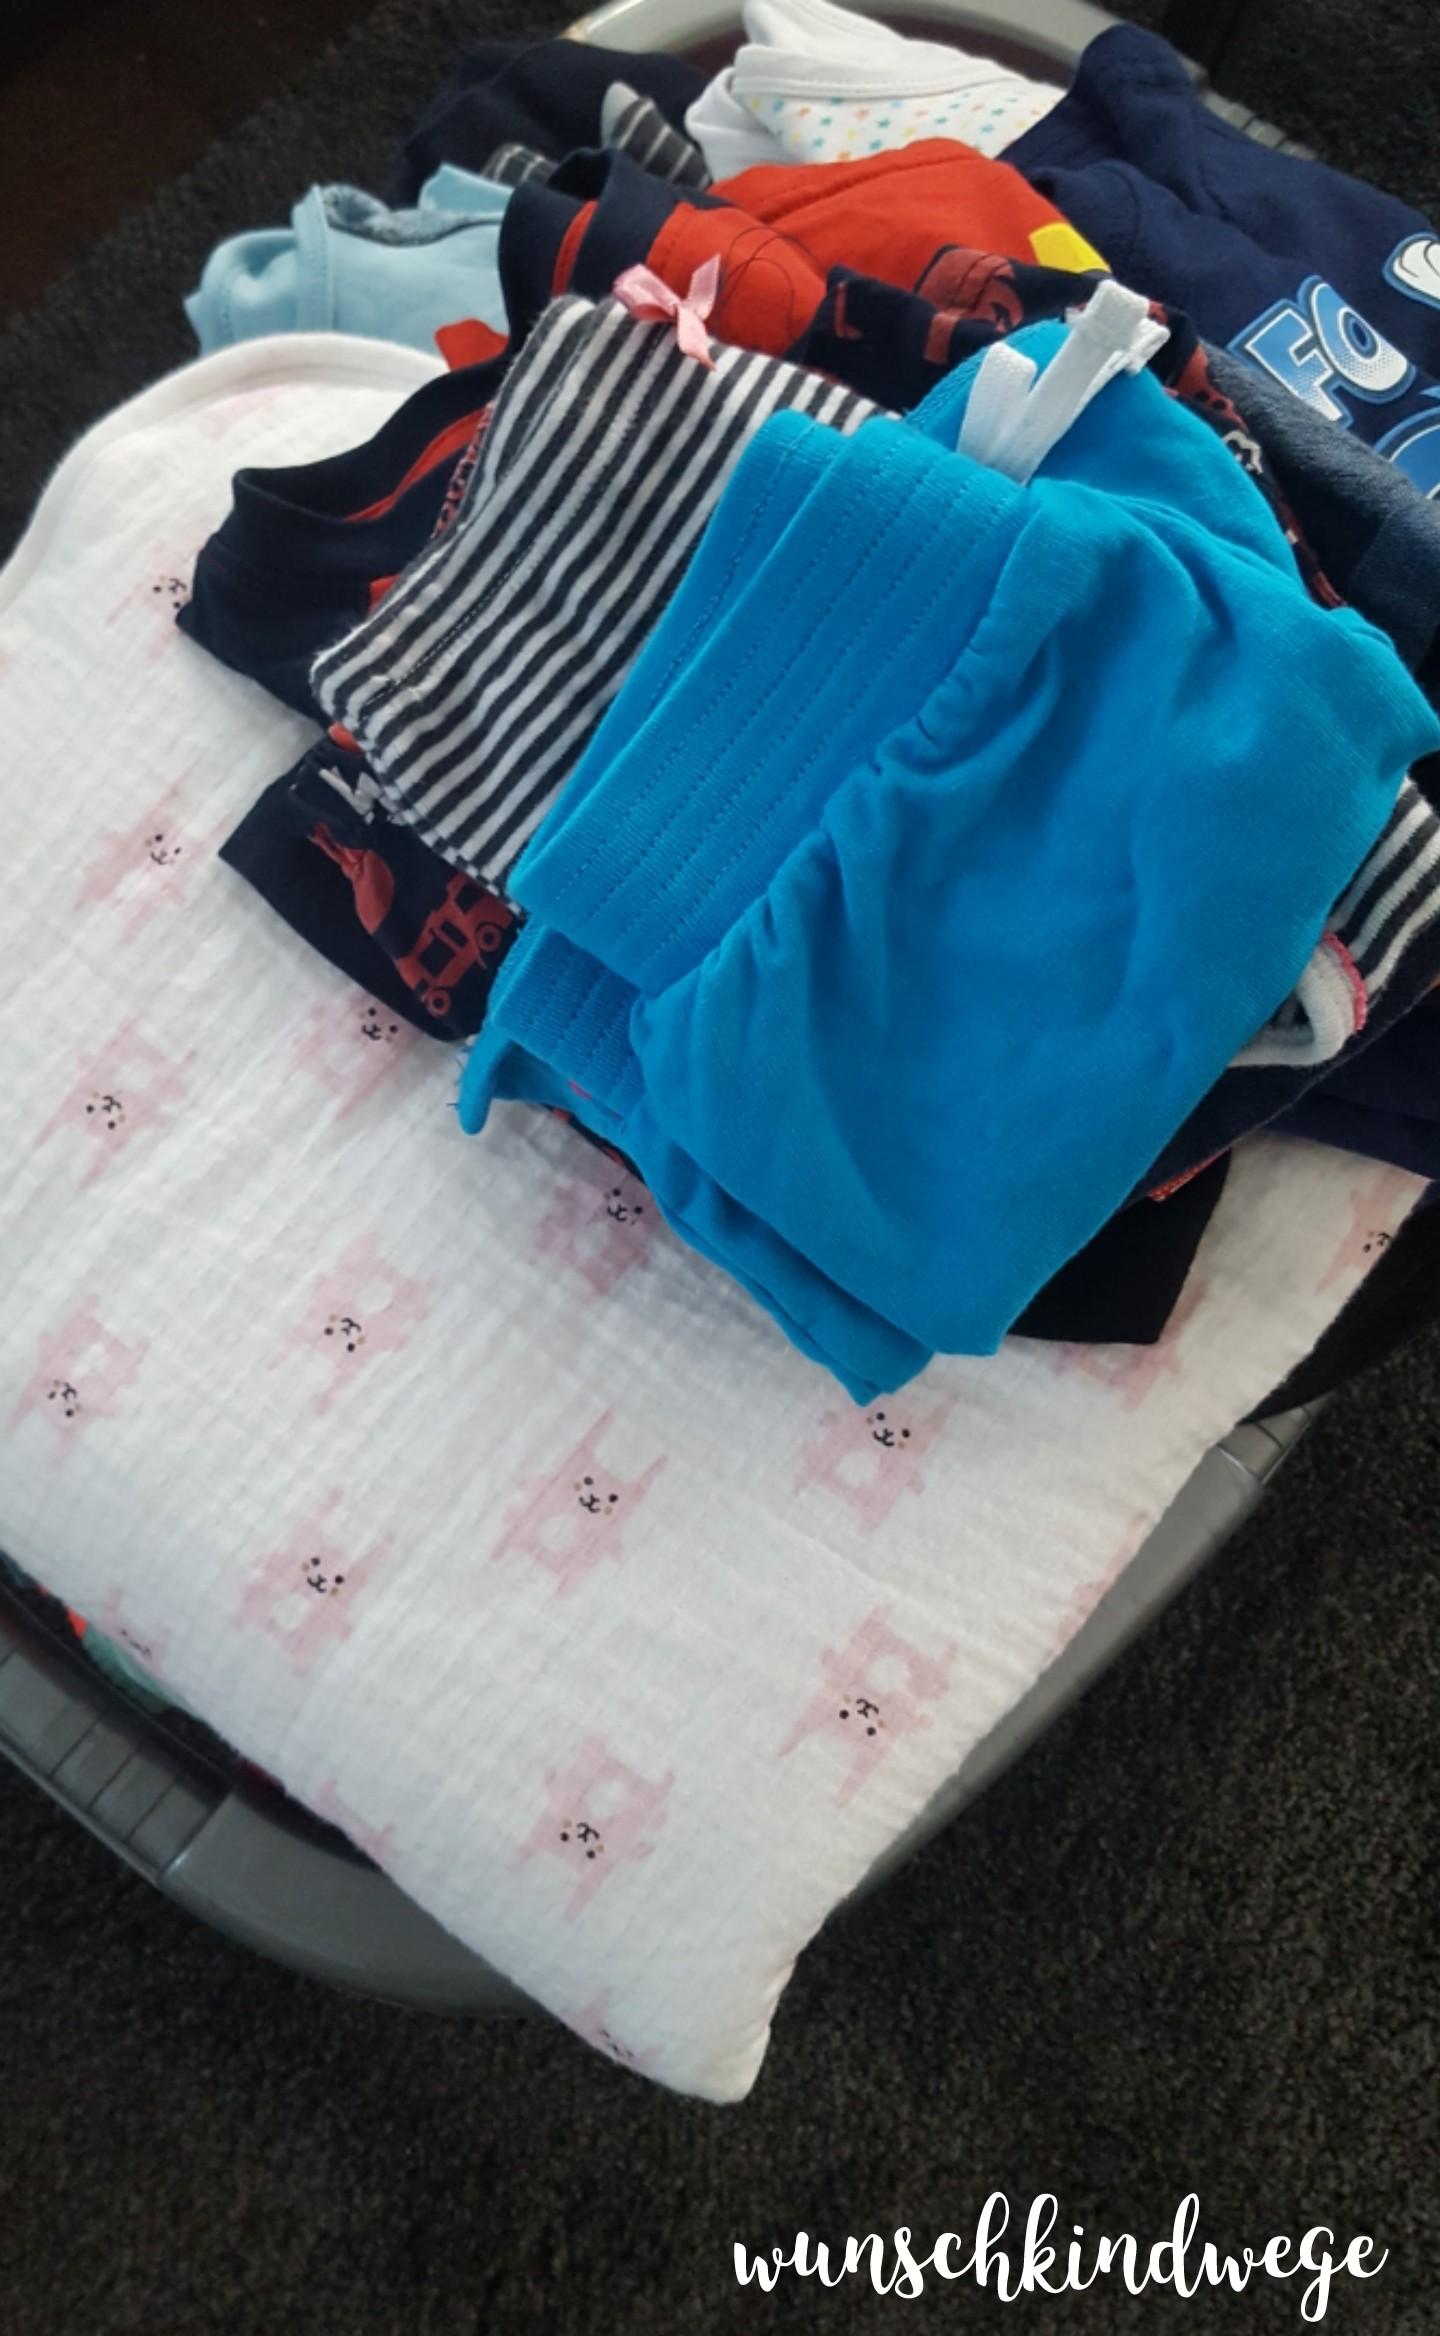 zusammengelegte Wäsche